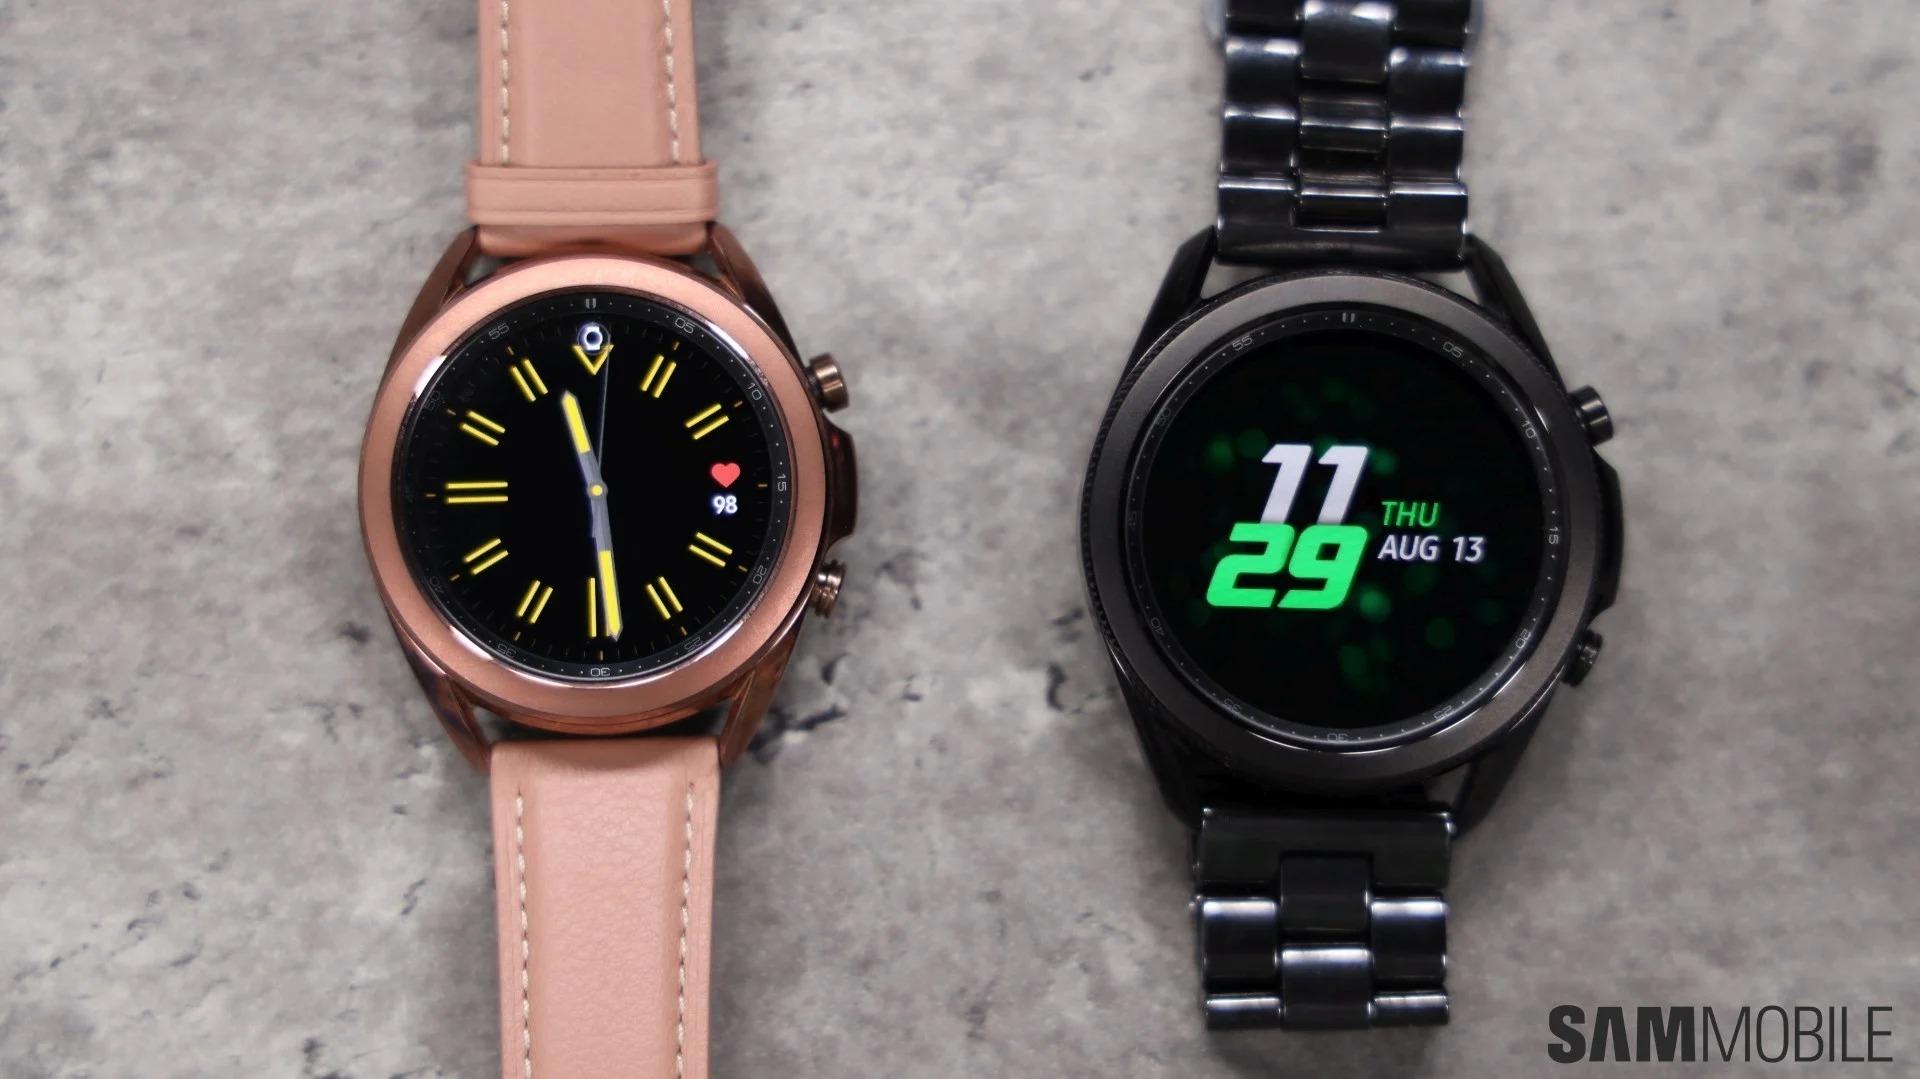 بررسی کامل و تخصصی ساعت هوشمند گلکسی واچ 3: باکلاسترین ساعت هوشمند سامسونگ